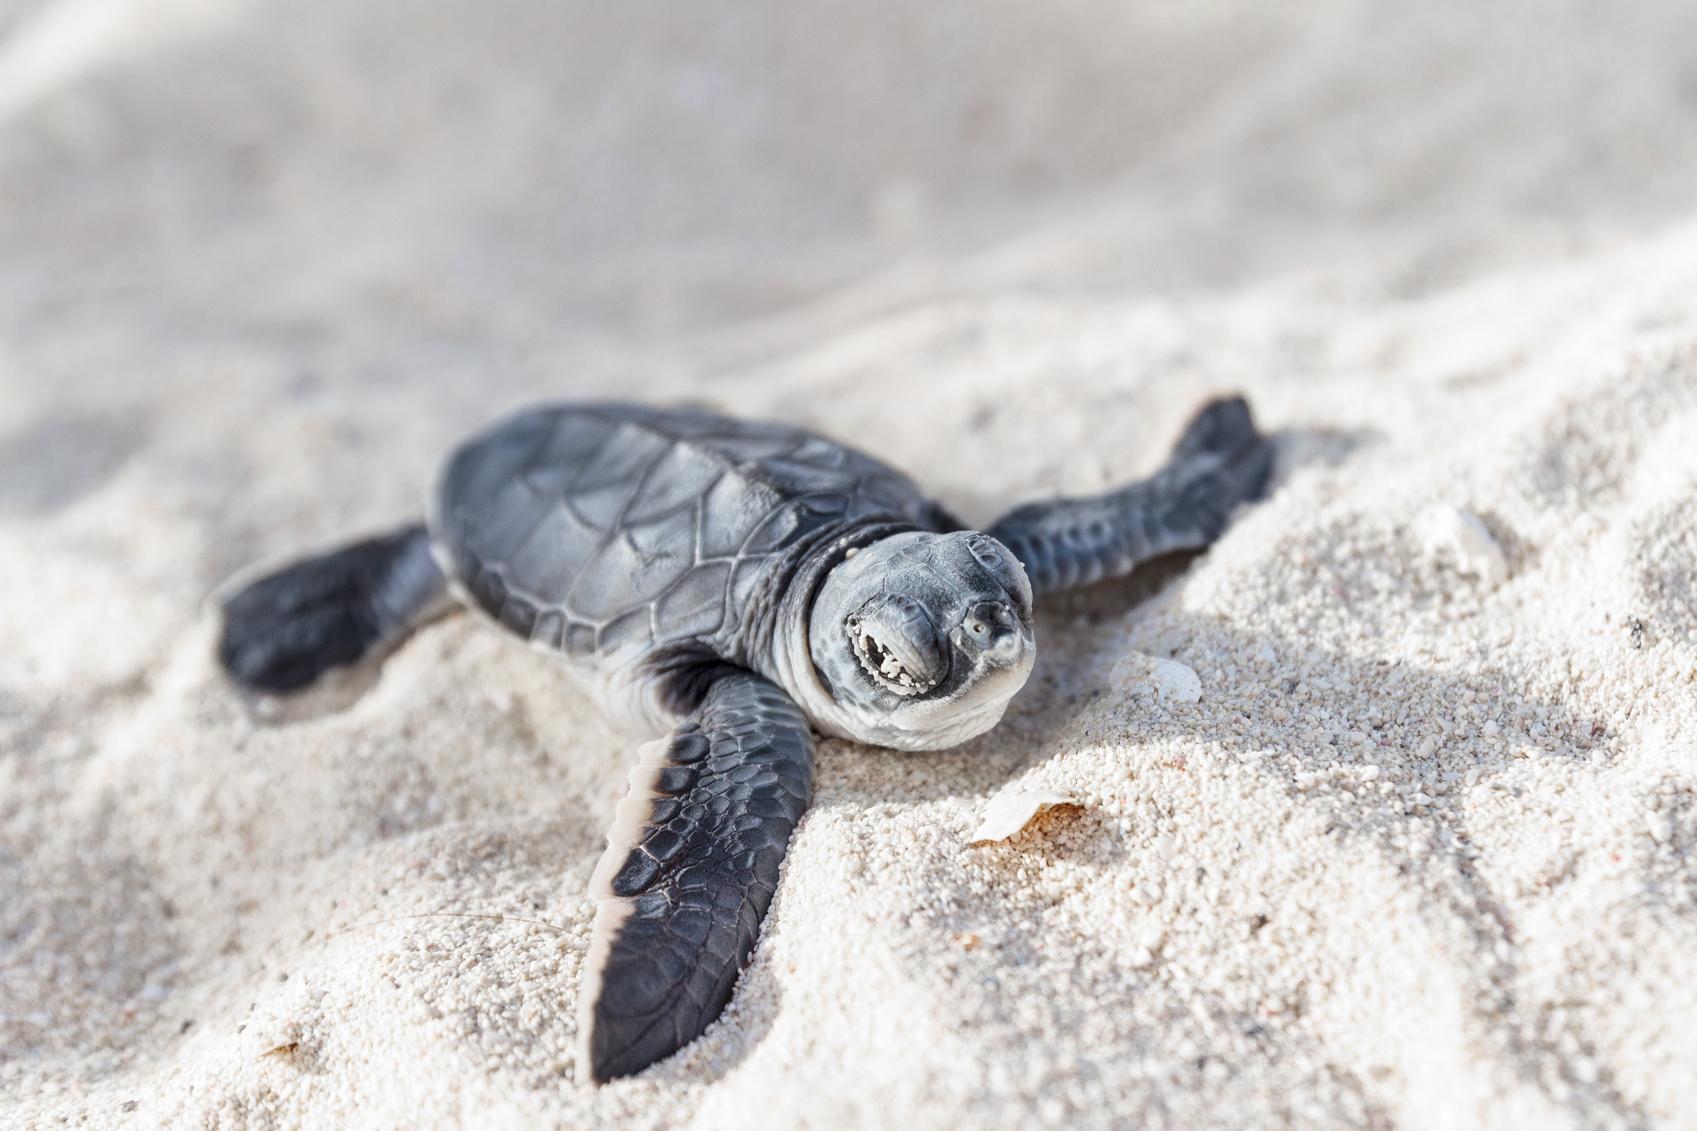 Eine junge Suppenschildkröte kriecht von links oben nach rechts unten durch den Sand.